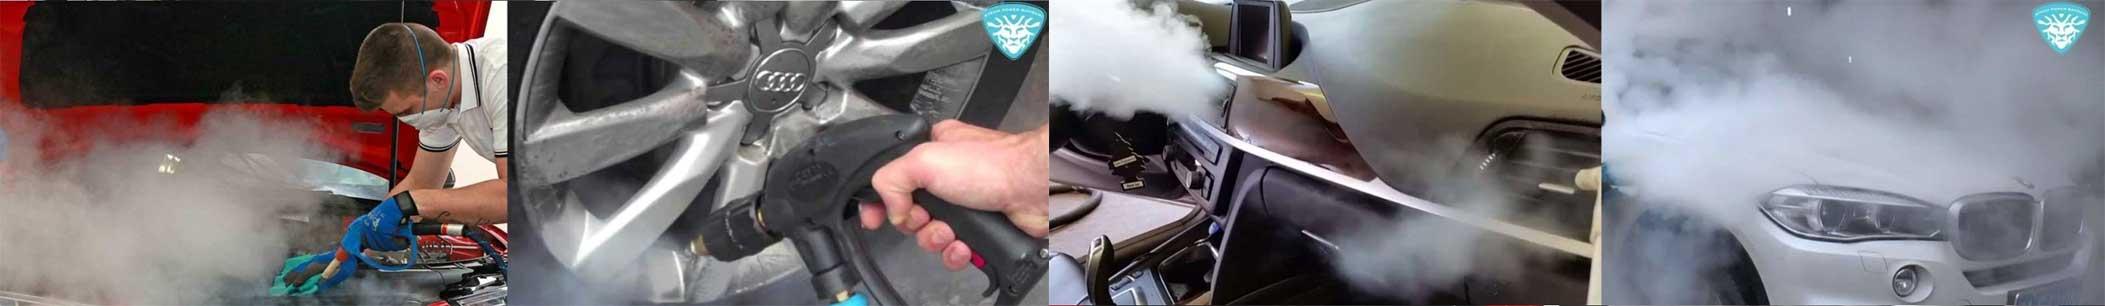 کاربرد کارواش نانو بخار در شستشو ماشین